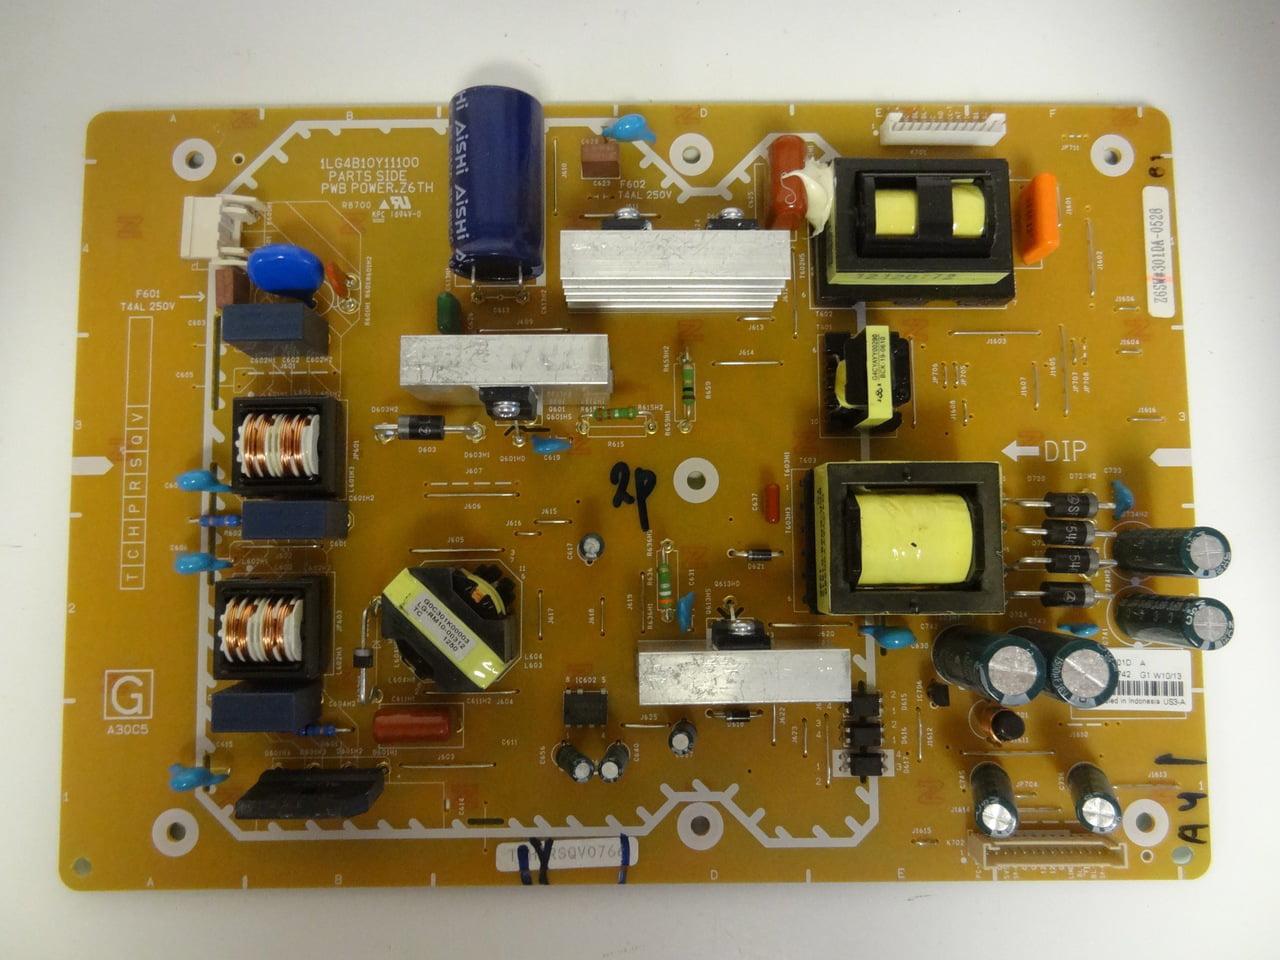 Sanyo DP39843 Power Supply Board 1LG4B10Y11100 Z6SW by Sanyo